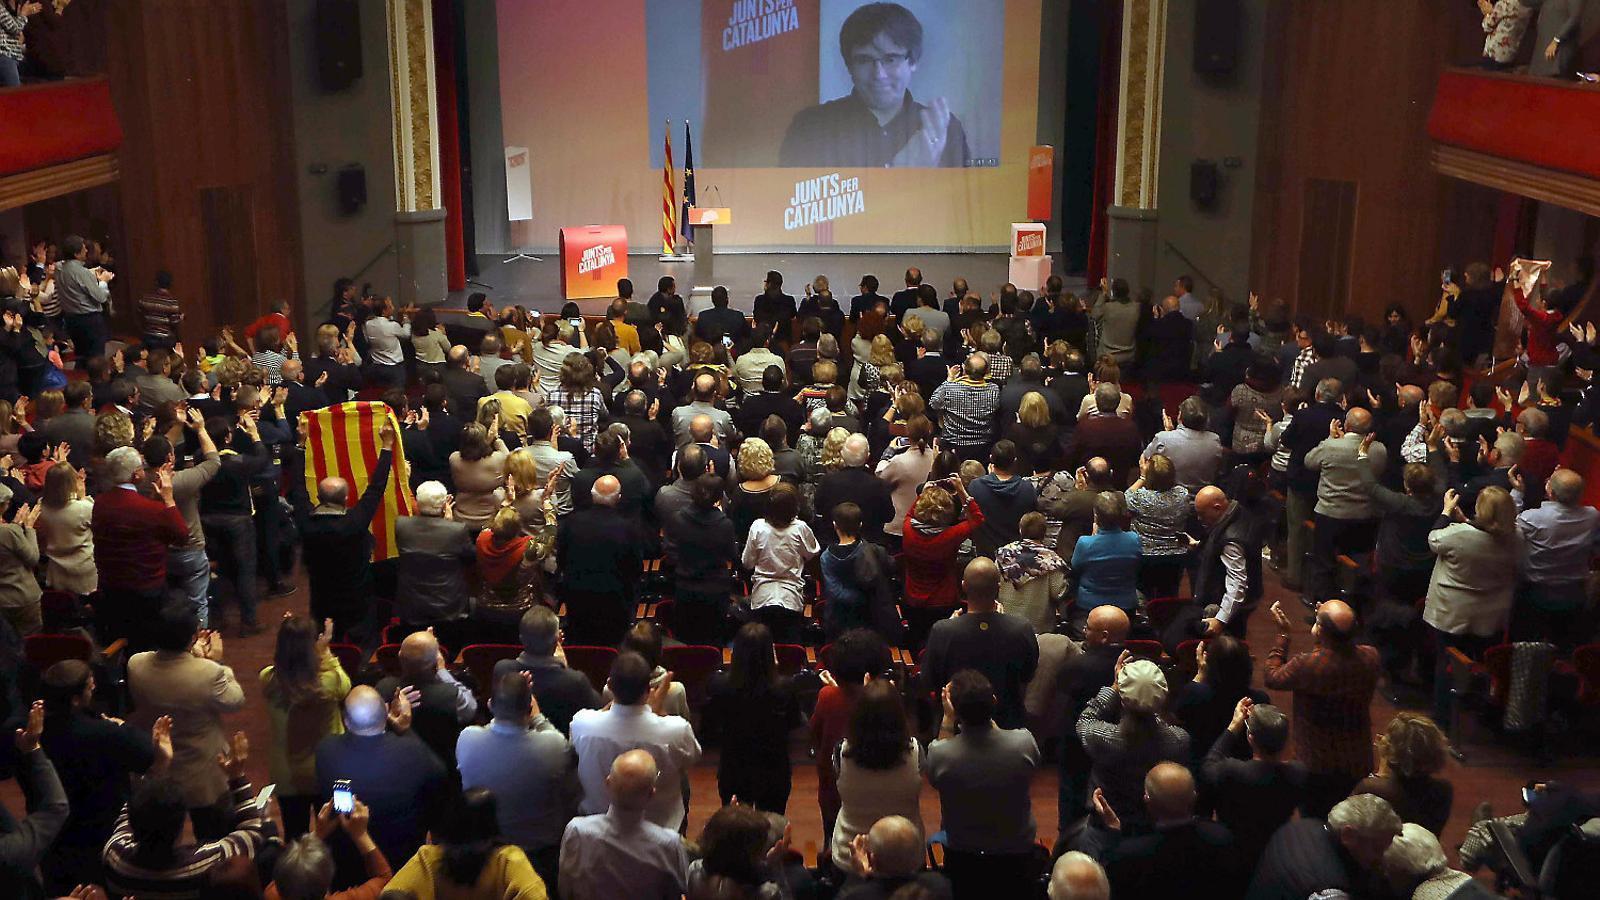 JxCat busca el vot socialista desencantat amb el 155